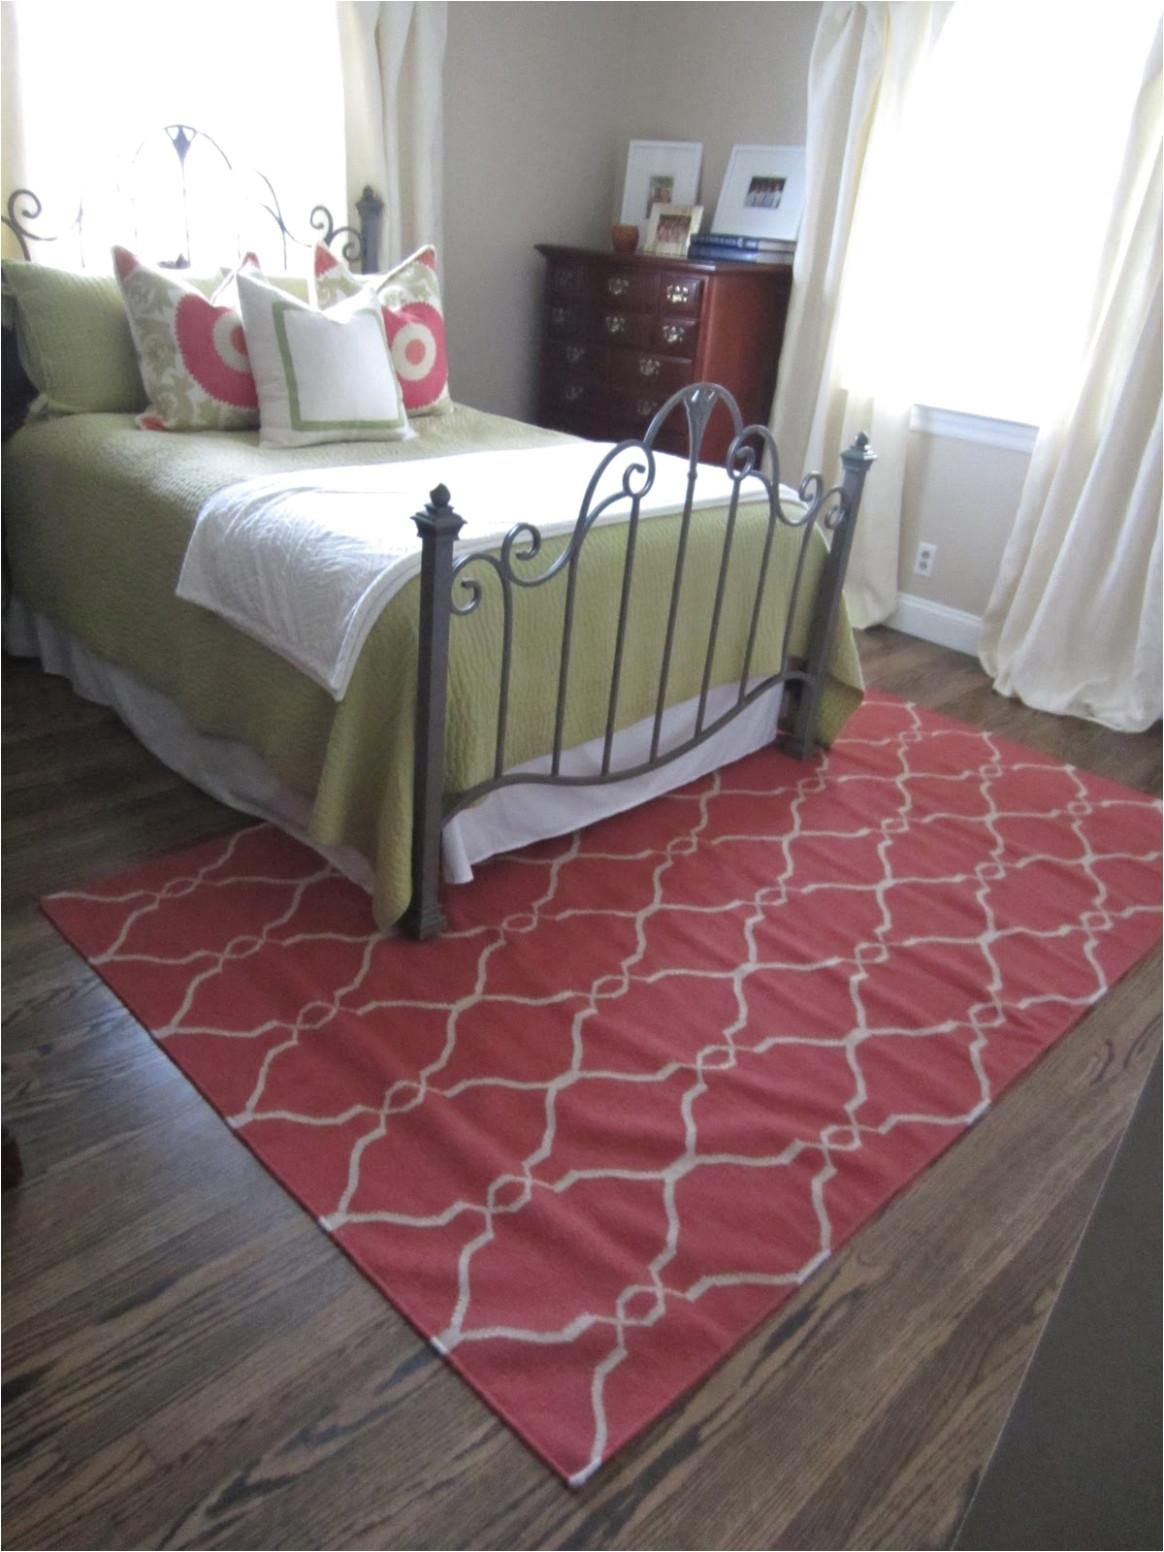 rug size under queen bed guest bedroom rug